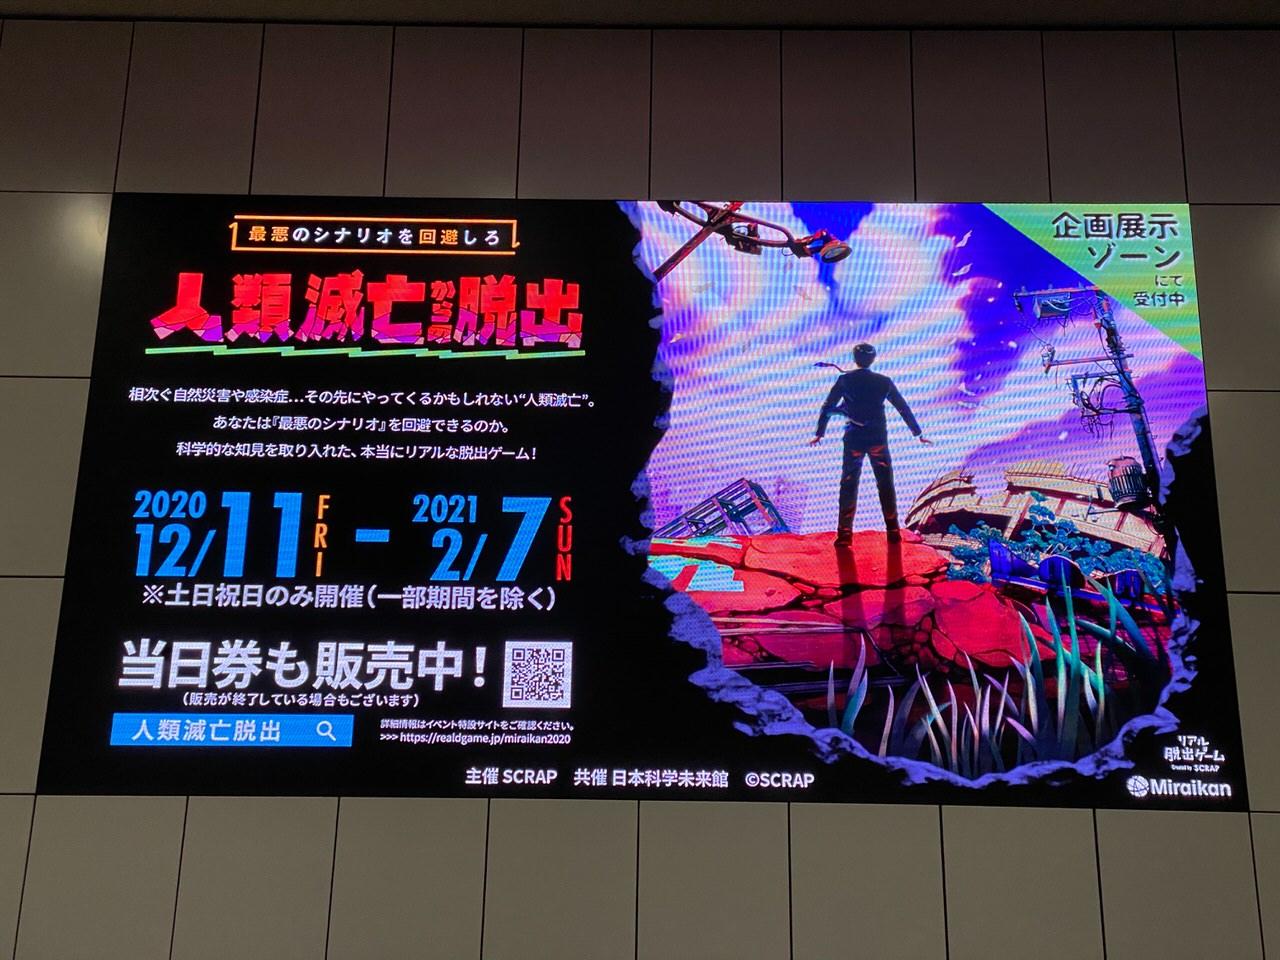 リアル脱出ゲーム 日本科学未来館「人類滅亡からの脱出」 5